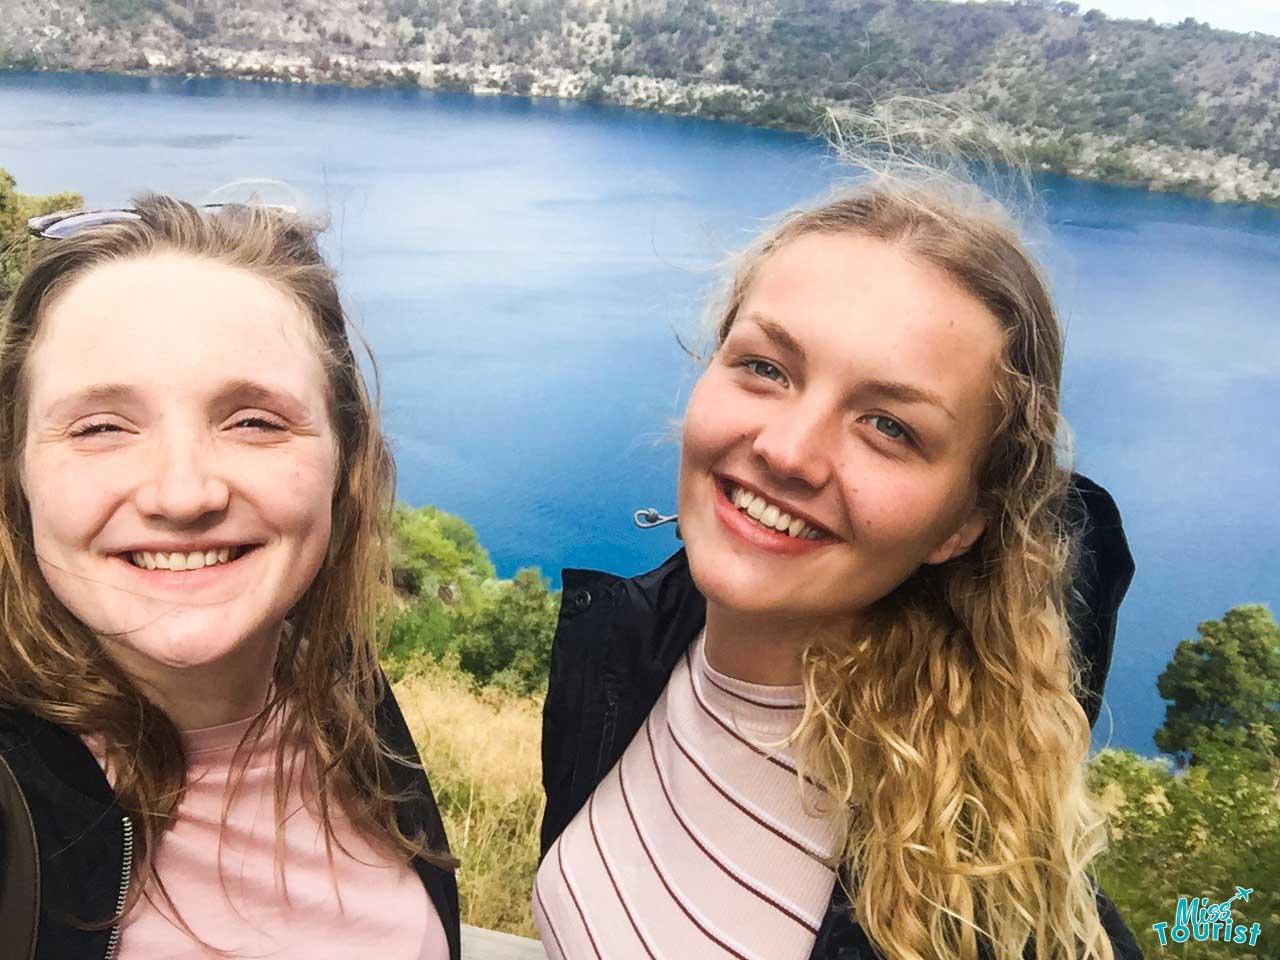 Blue Lake, Mount Gambier - Friends Que faire à Mount Gambier?